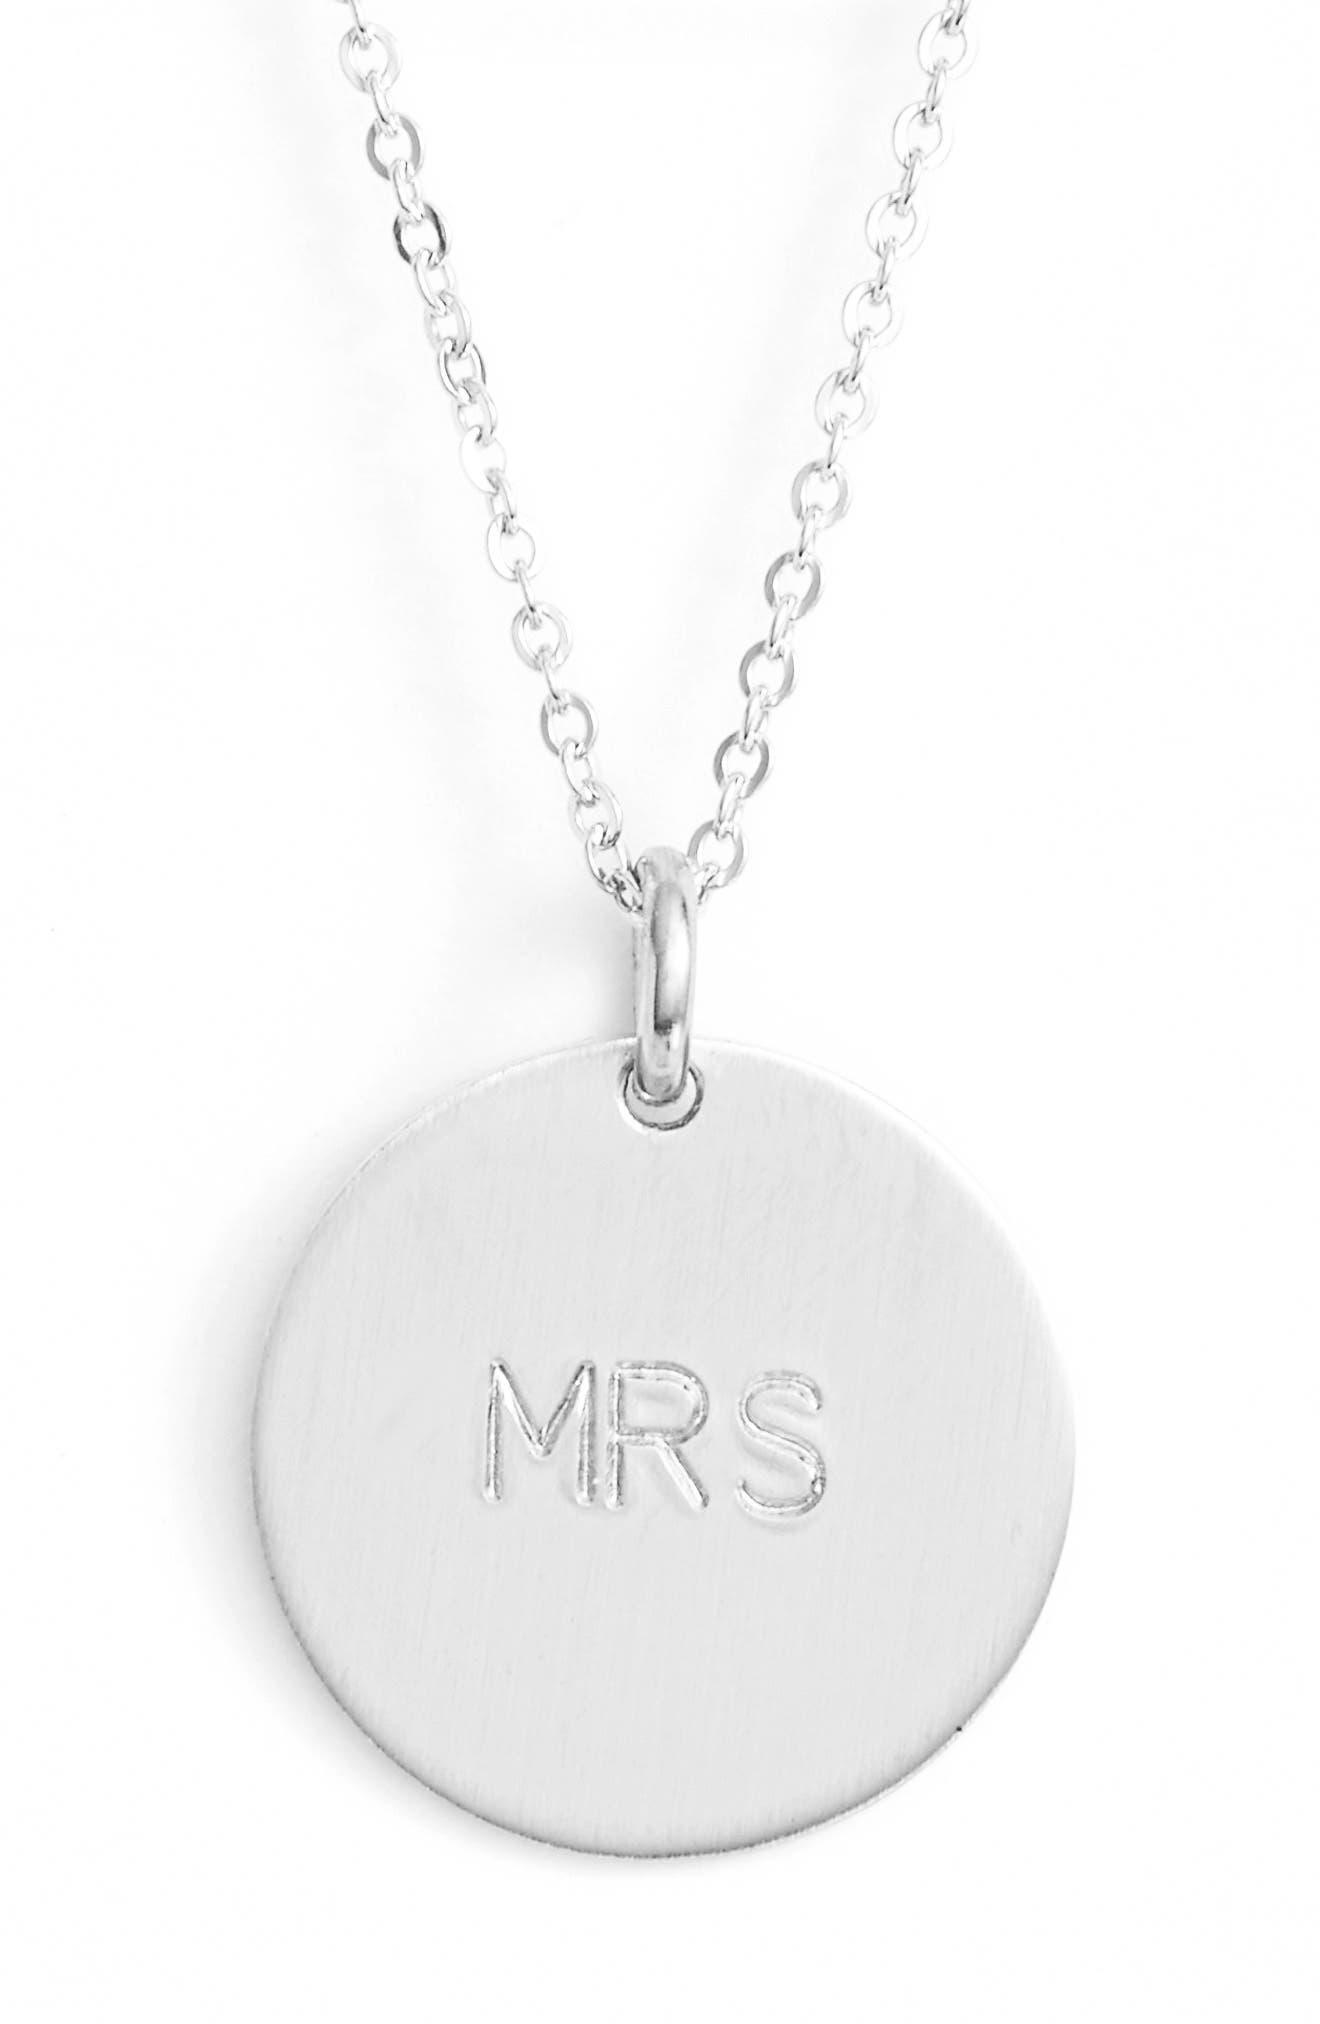 Main Image - Nashelle Newlywed Pendant Necklace